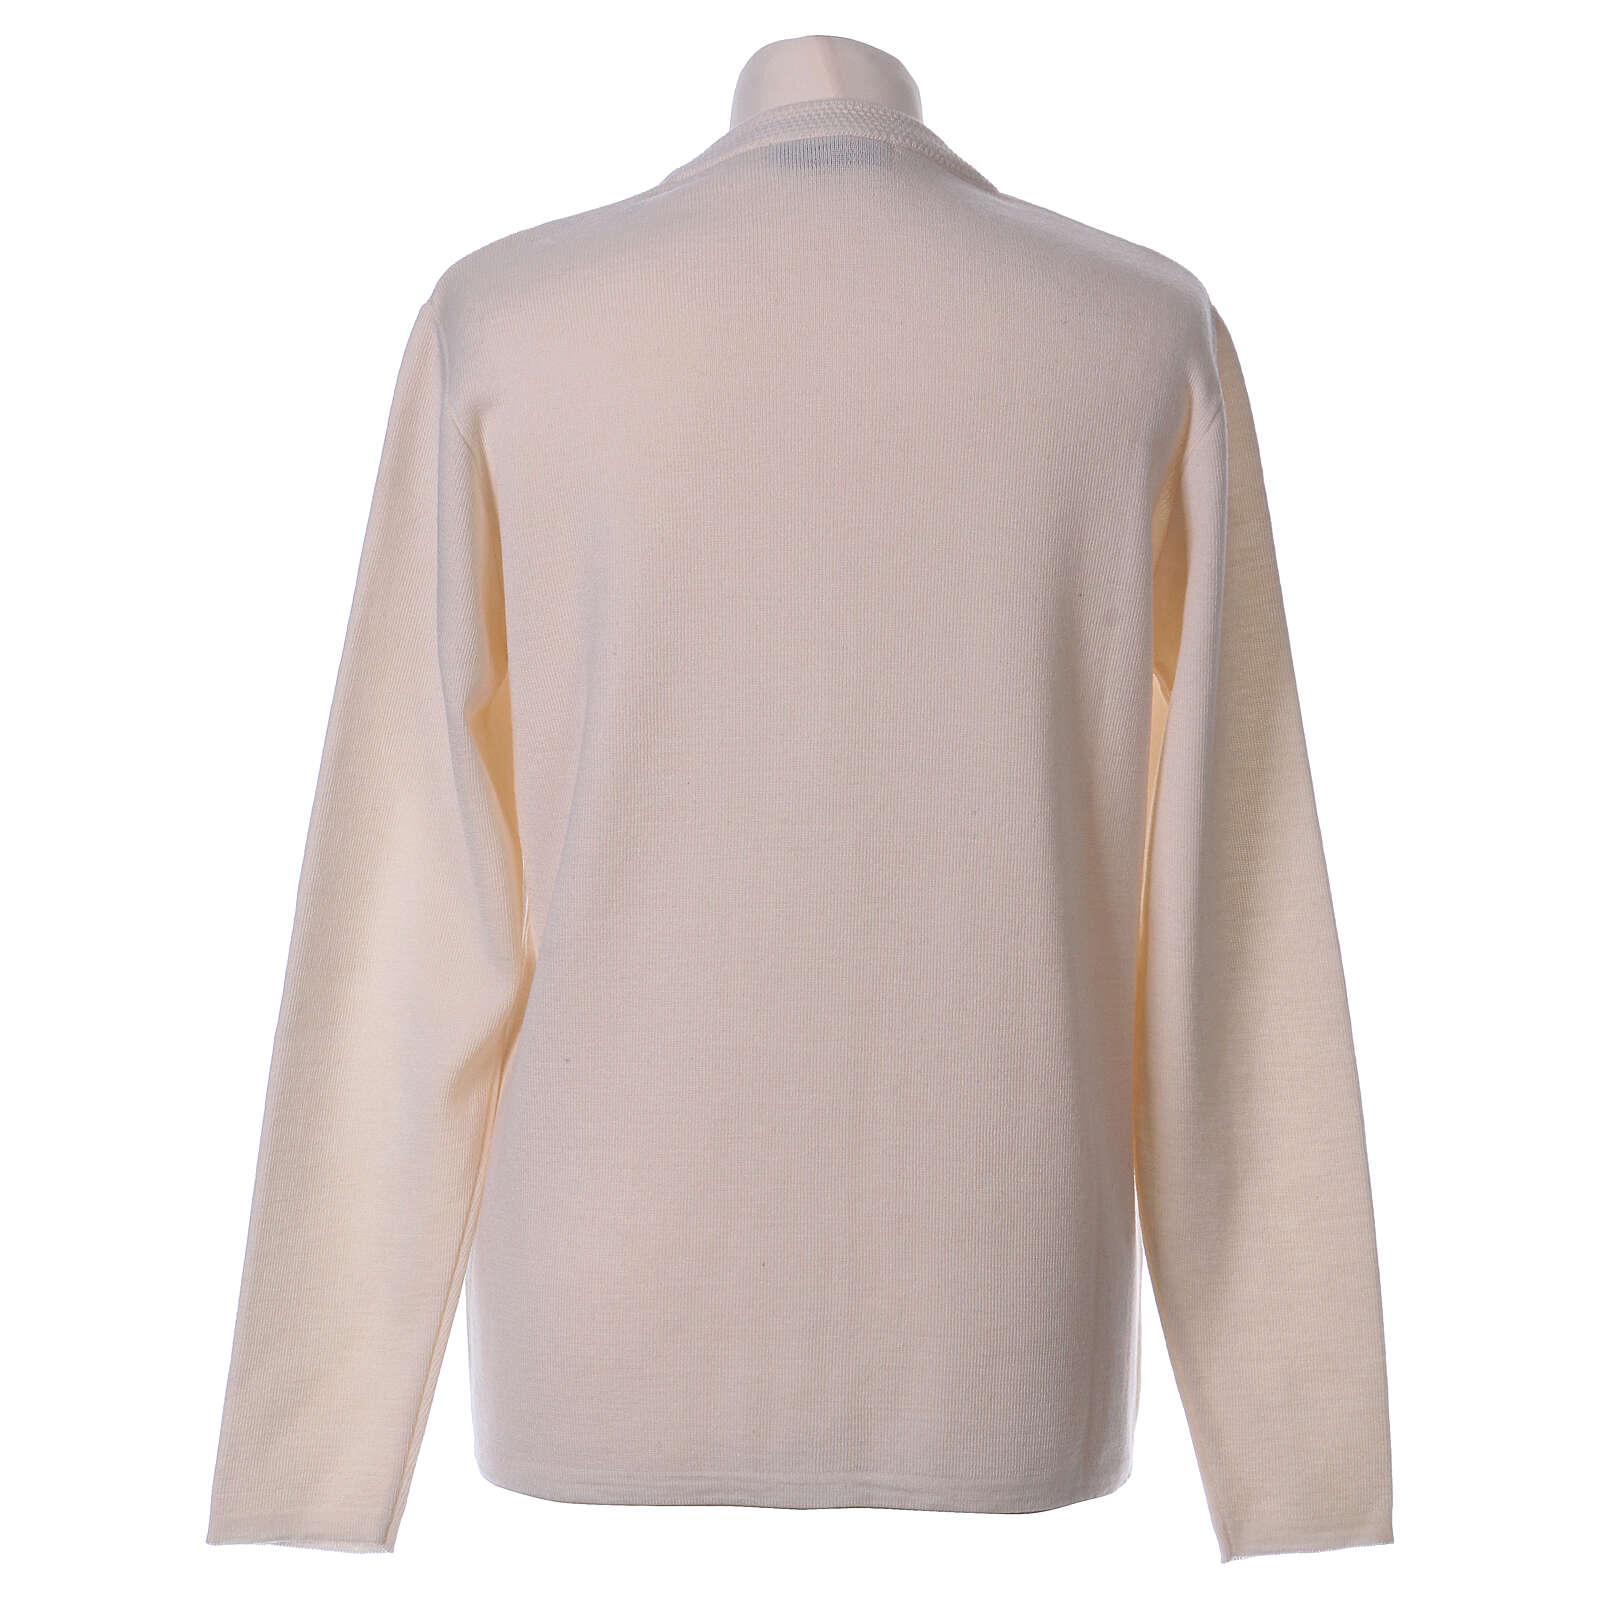 Casaco de malha branco decote em V para freira com bolsos, 50% acrílico e 50% lã de merino, linha